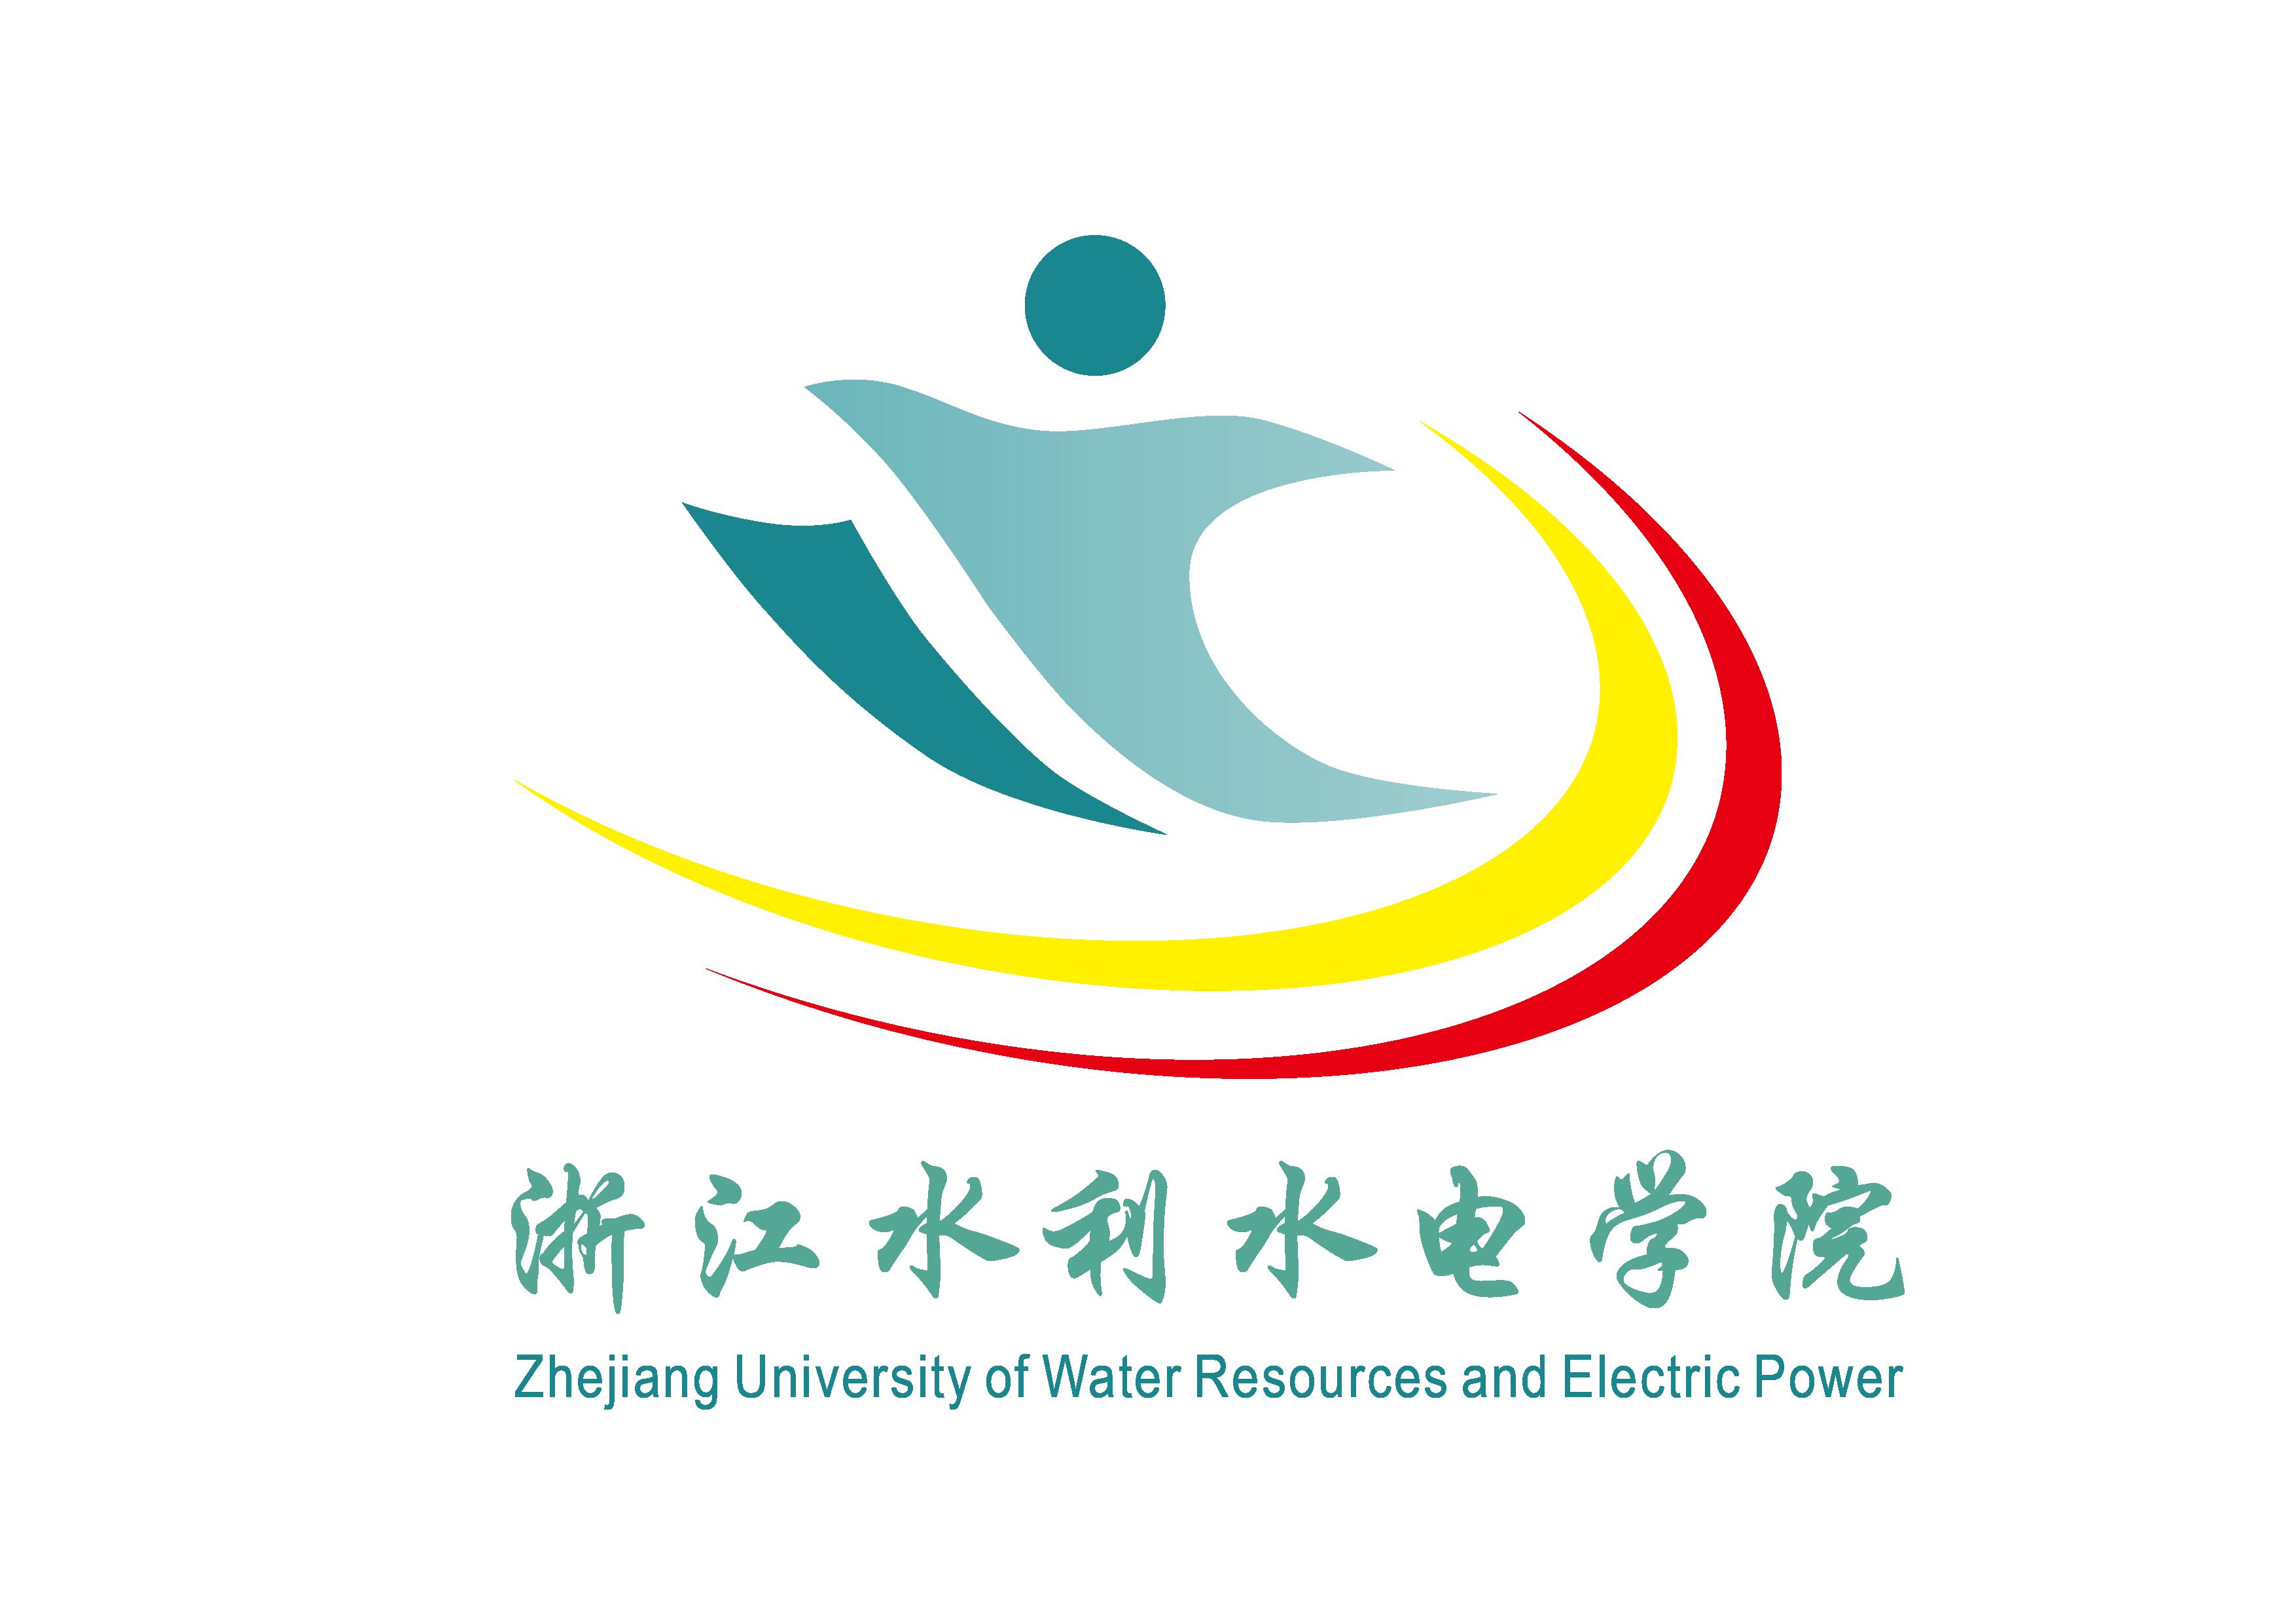 学校运动会logo设计图片